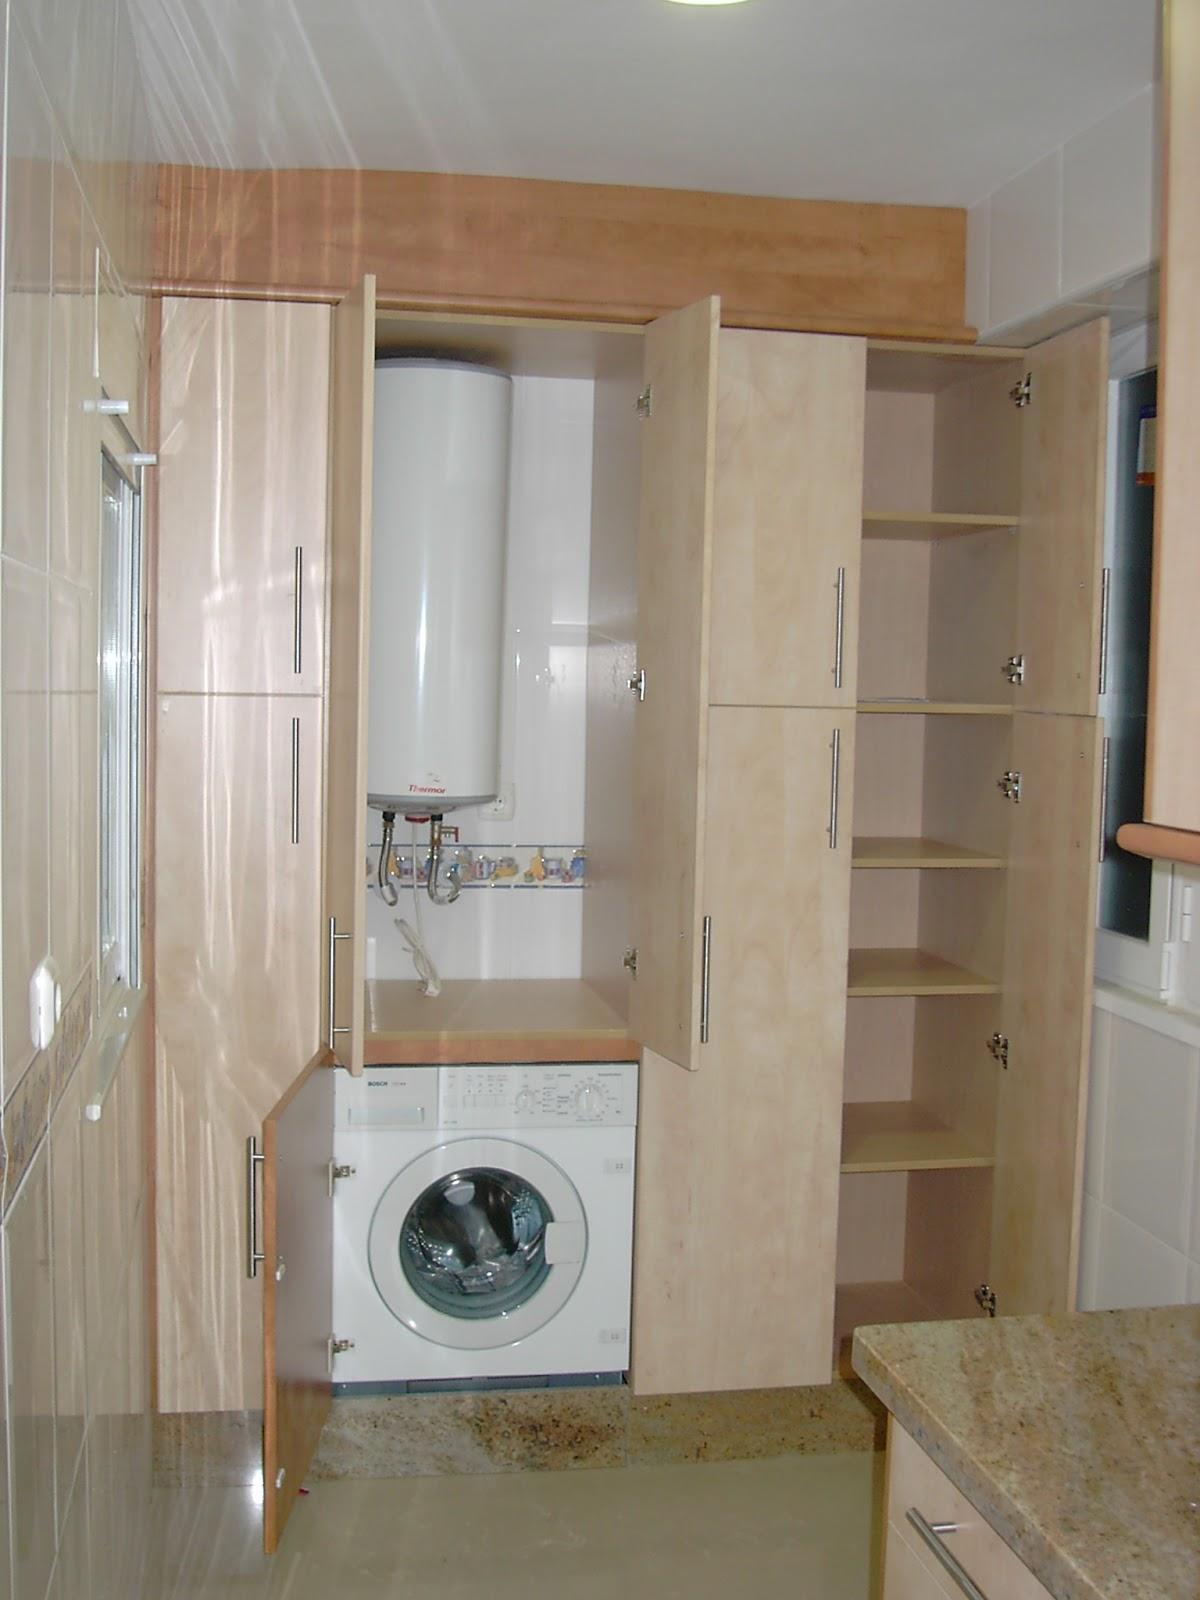 Carpinteria los molinos fotos cocinas for Mueble lavadora ikea